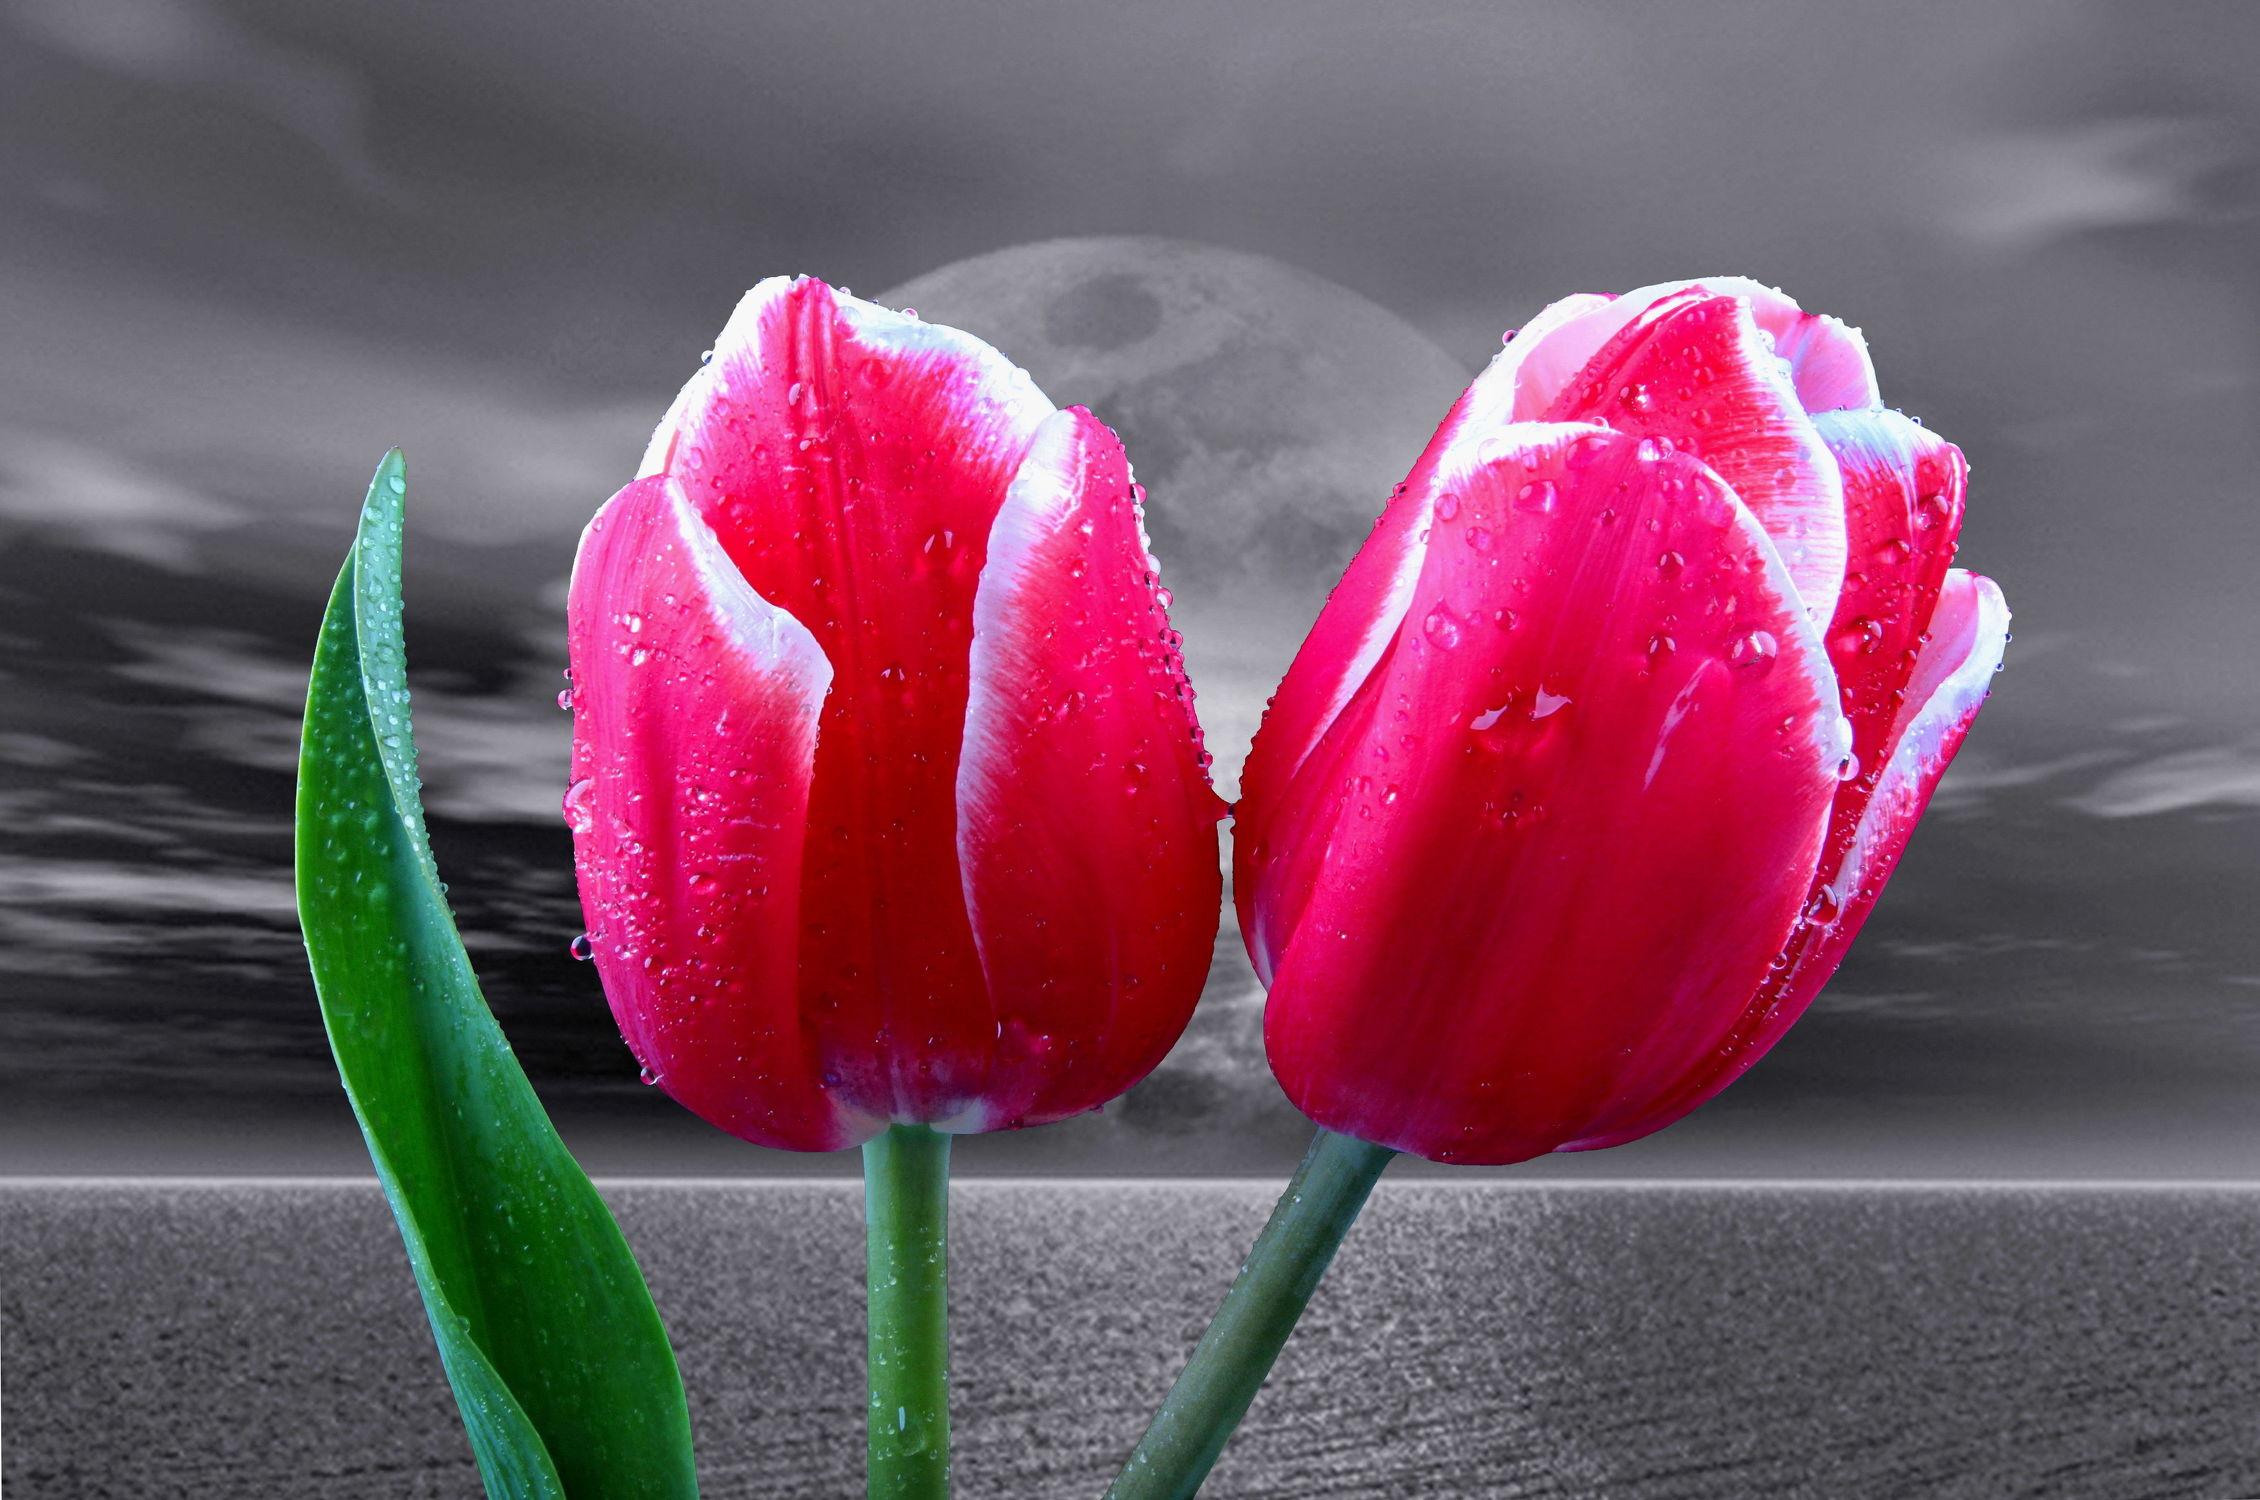 Bild mit Wasser, Blumen, Sonne, Blume, Tulpe, Tulpen, Wassertropfen, Floral, Blüten, Florales, blüte